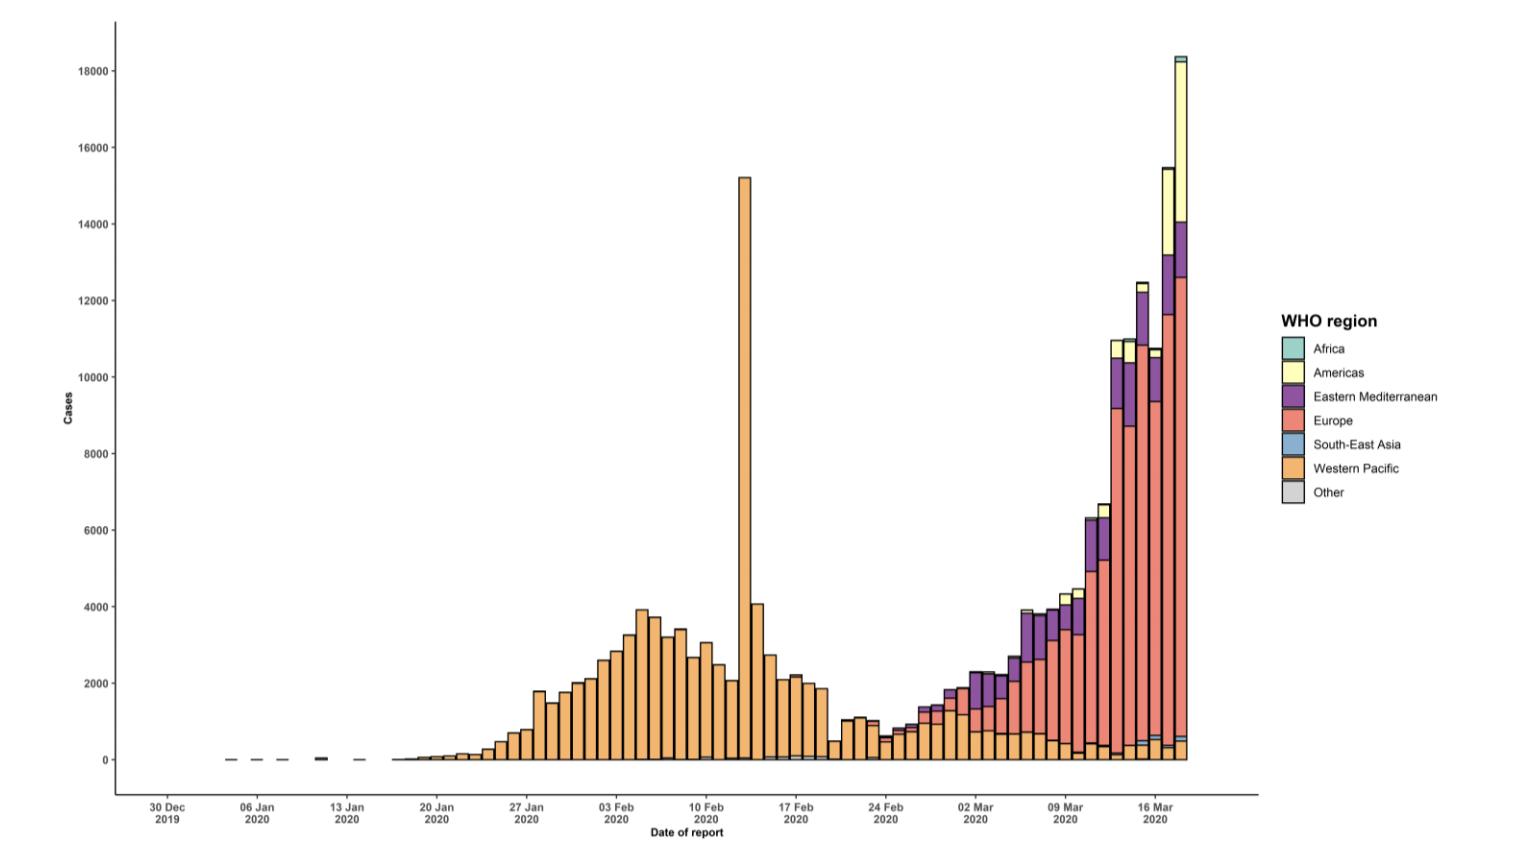 Coronavirus 100 000 More Cases Reported Worldwide In Less Than 2 Weeks Coronavirus Updates Npr